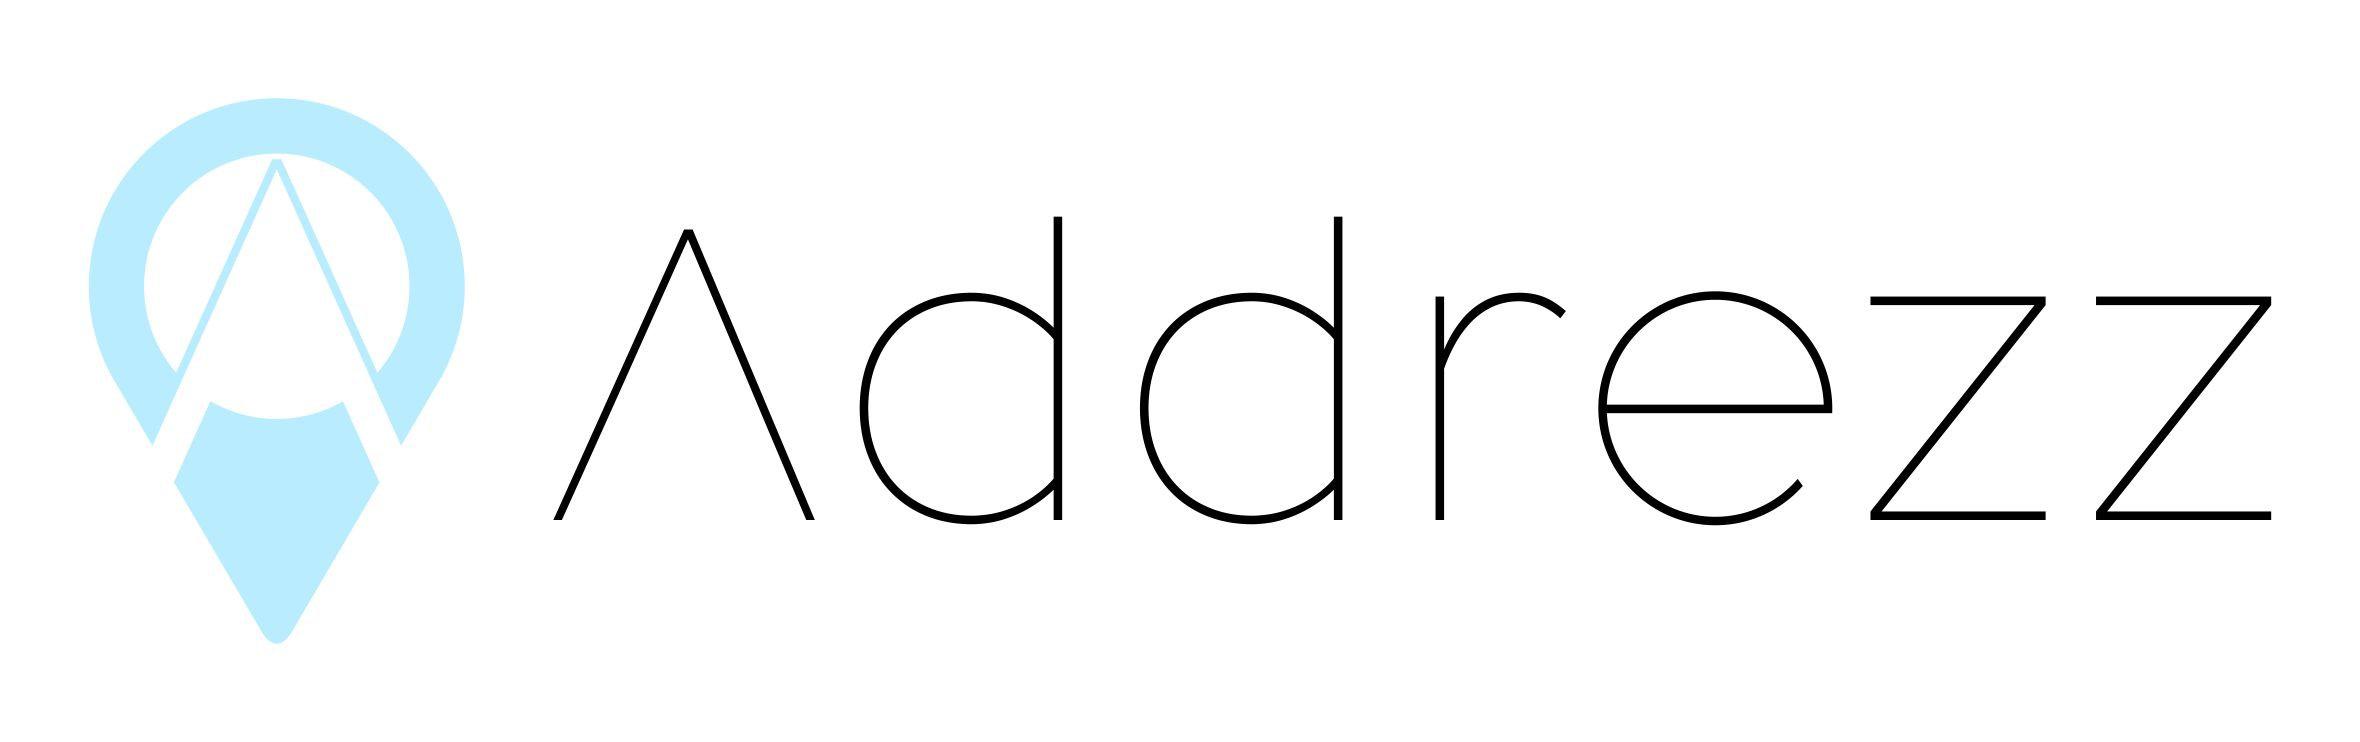 Addrezz braucht ein aussagekräftiges, mit grossem Wiedererkennungswert, neues Firmenlogo